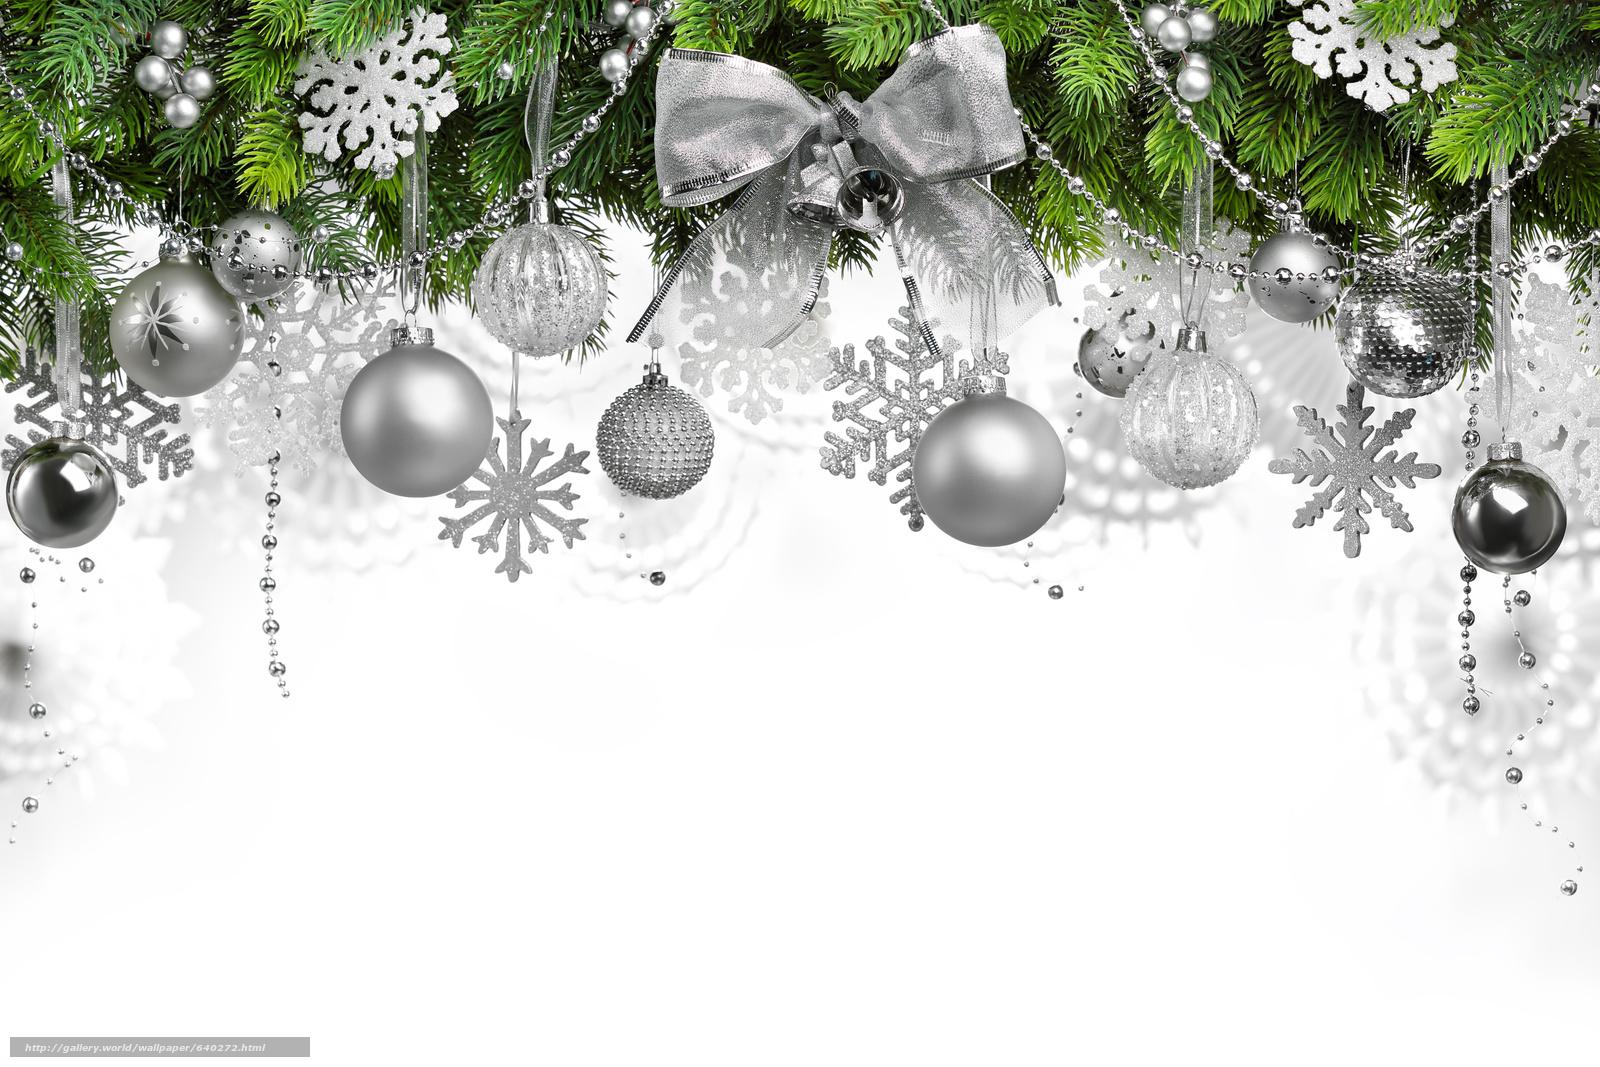 Tlcharger Fond d'ecran Nouvelle Année,  Noël,  ornementation,  Décorations de Noël Fonds d'ecran gratuits pour votre rsolution du bureau 5760x3840 — image №640272